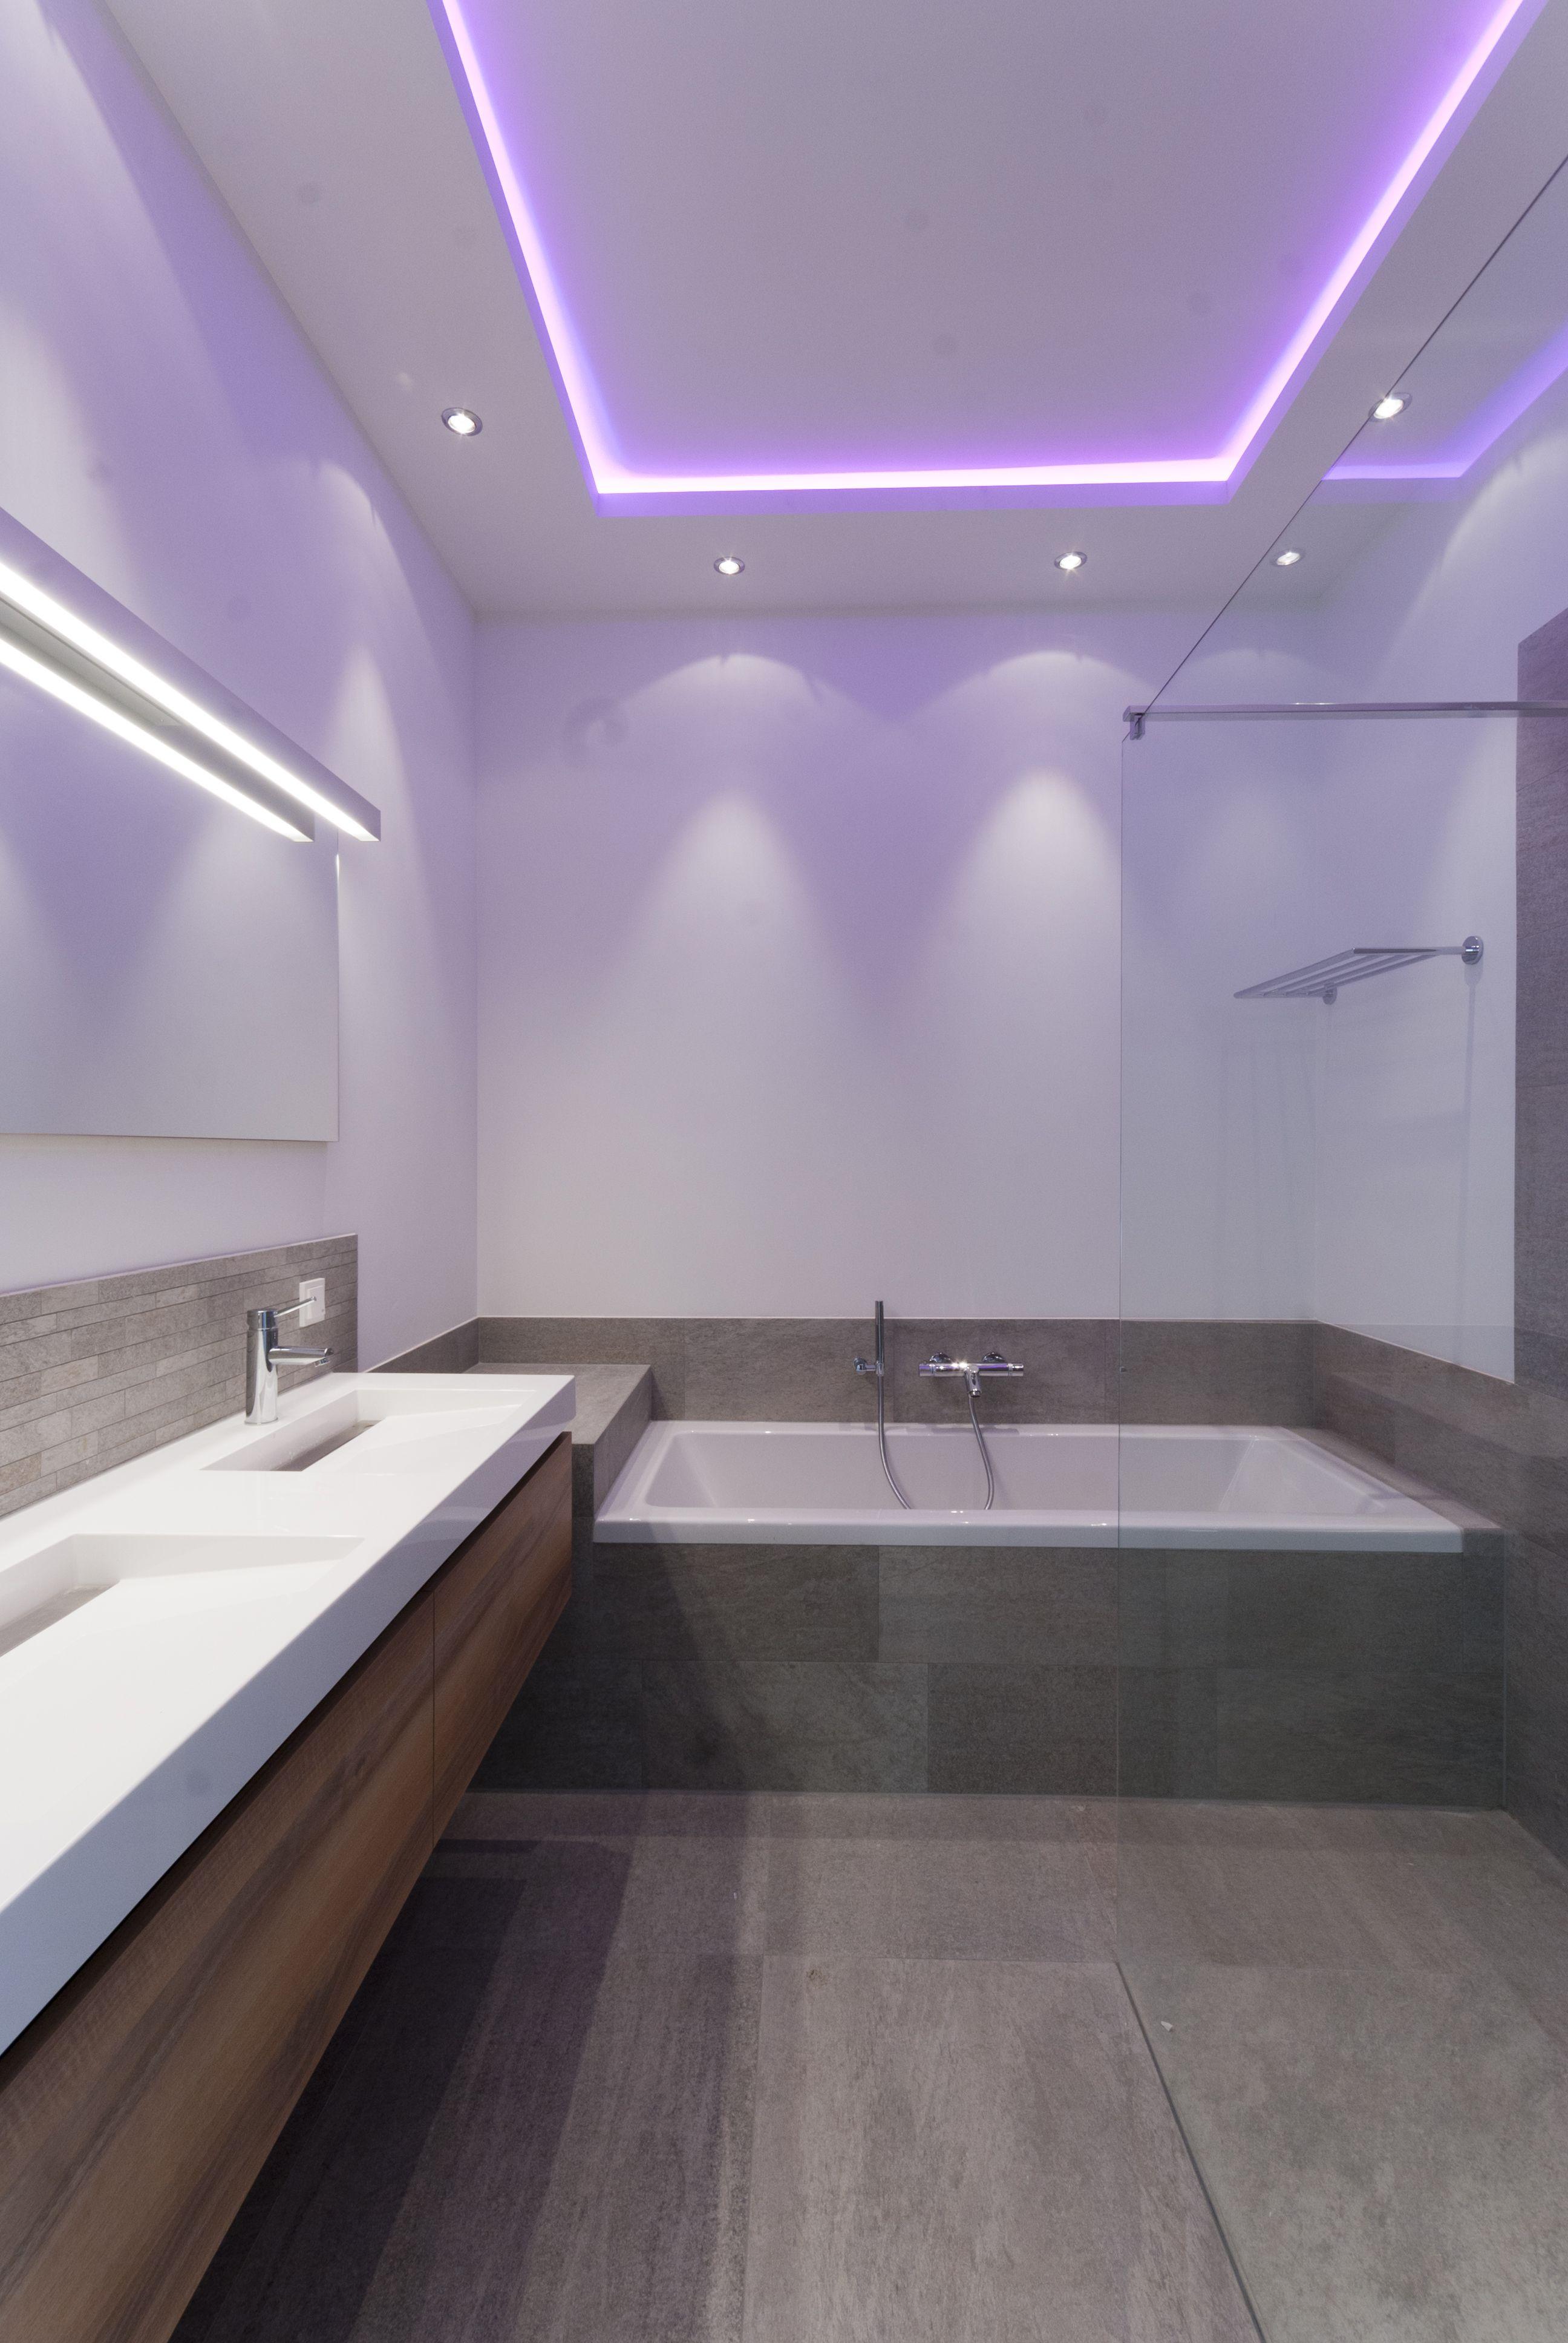 Indirecte RGB-ledverlichting in het plafond van de badkamer. Dit ...